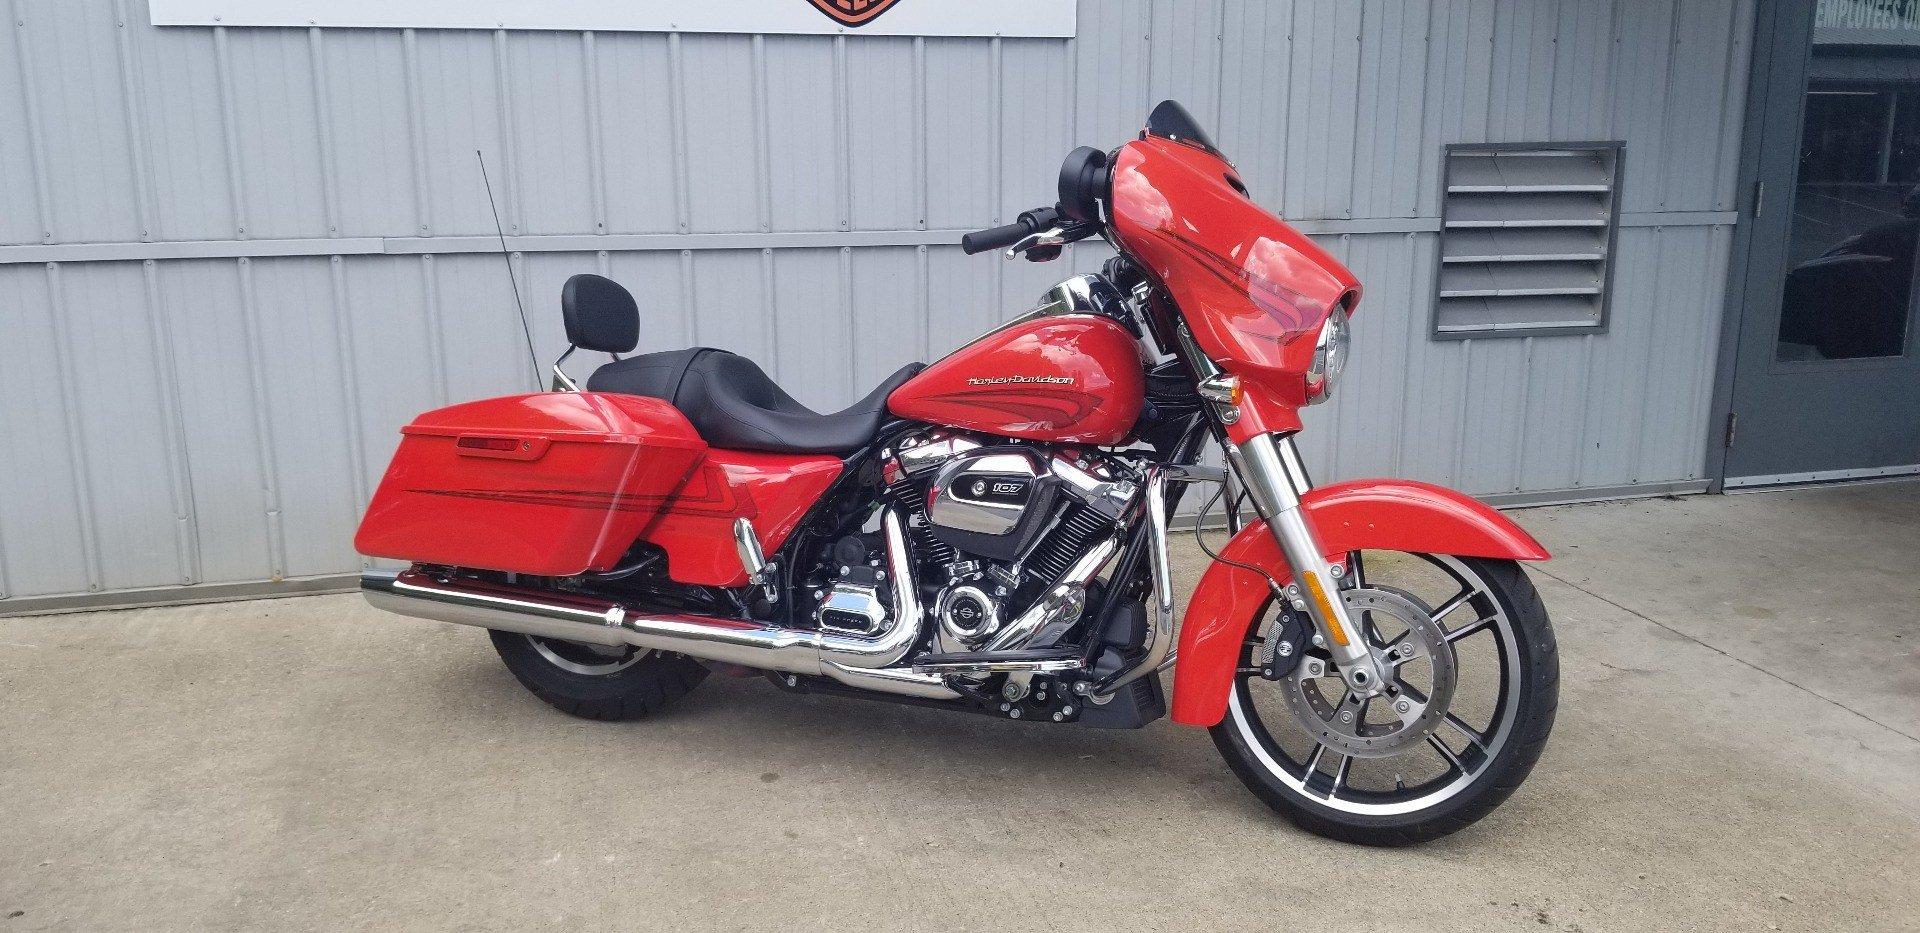 2017 Harley-Davidson Street Glide Special for sale 39028